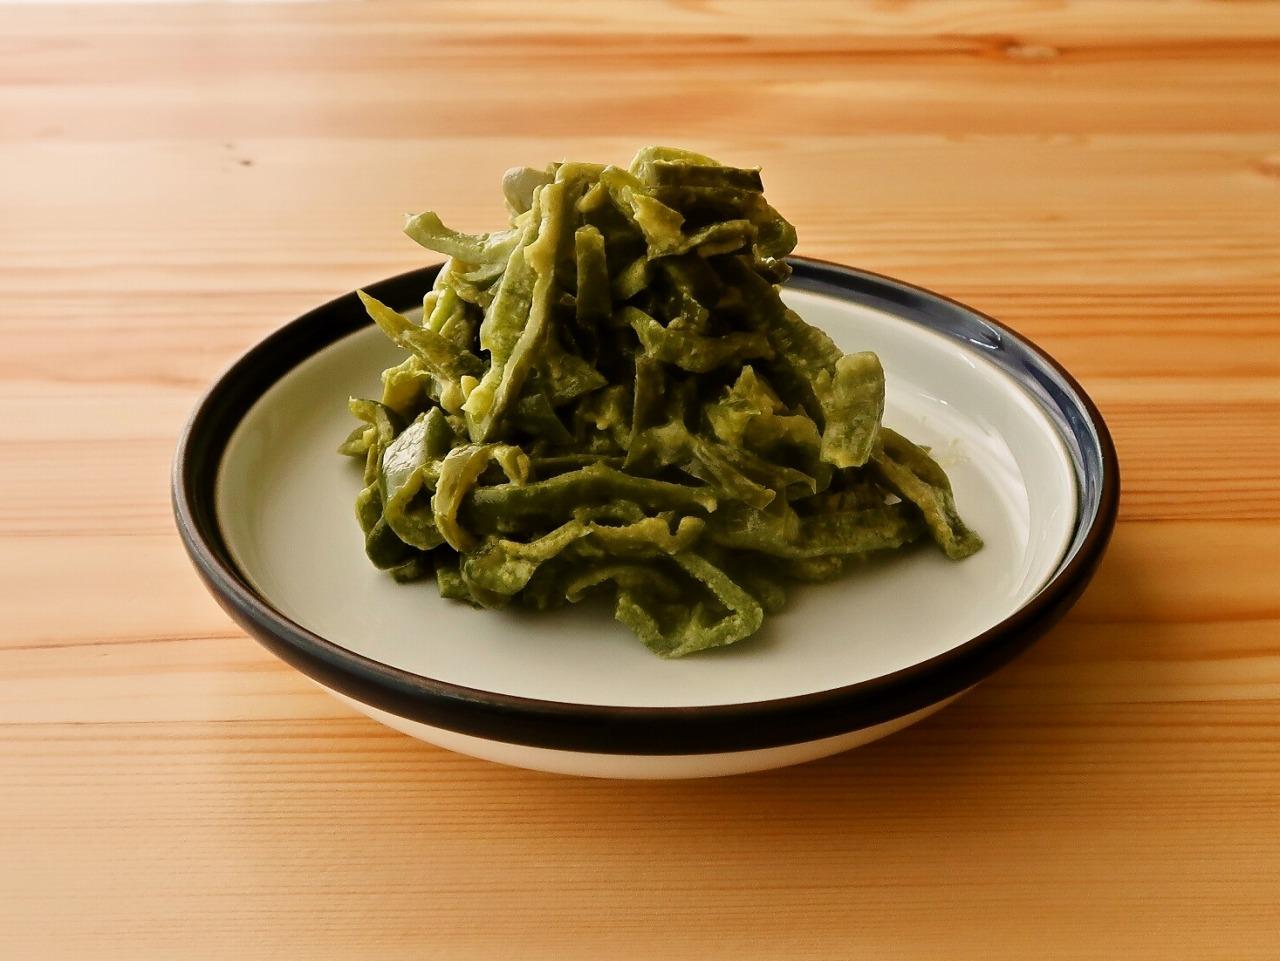 【野菜ひとつ】ピーマンのコンソメマヨ炒め